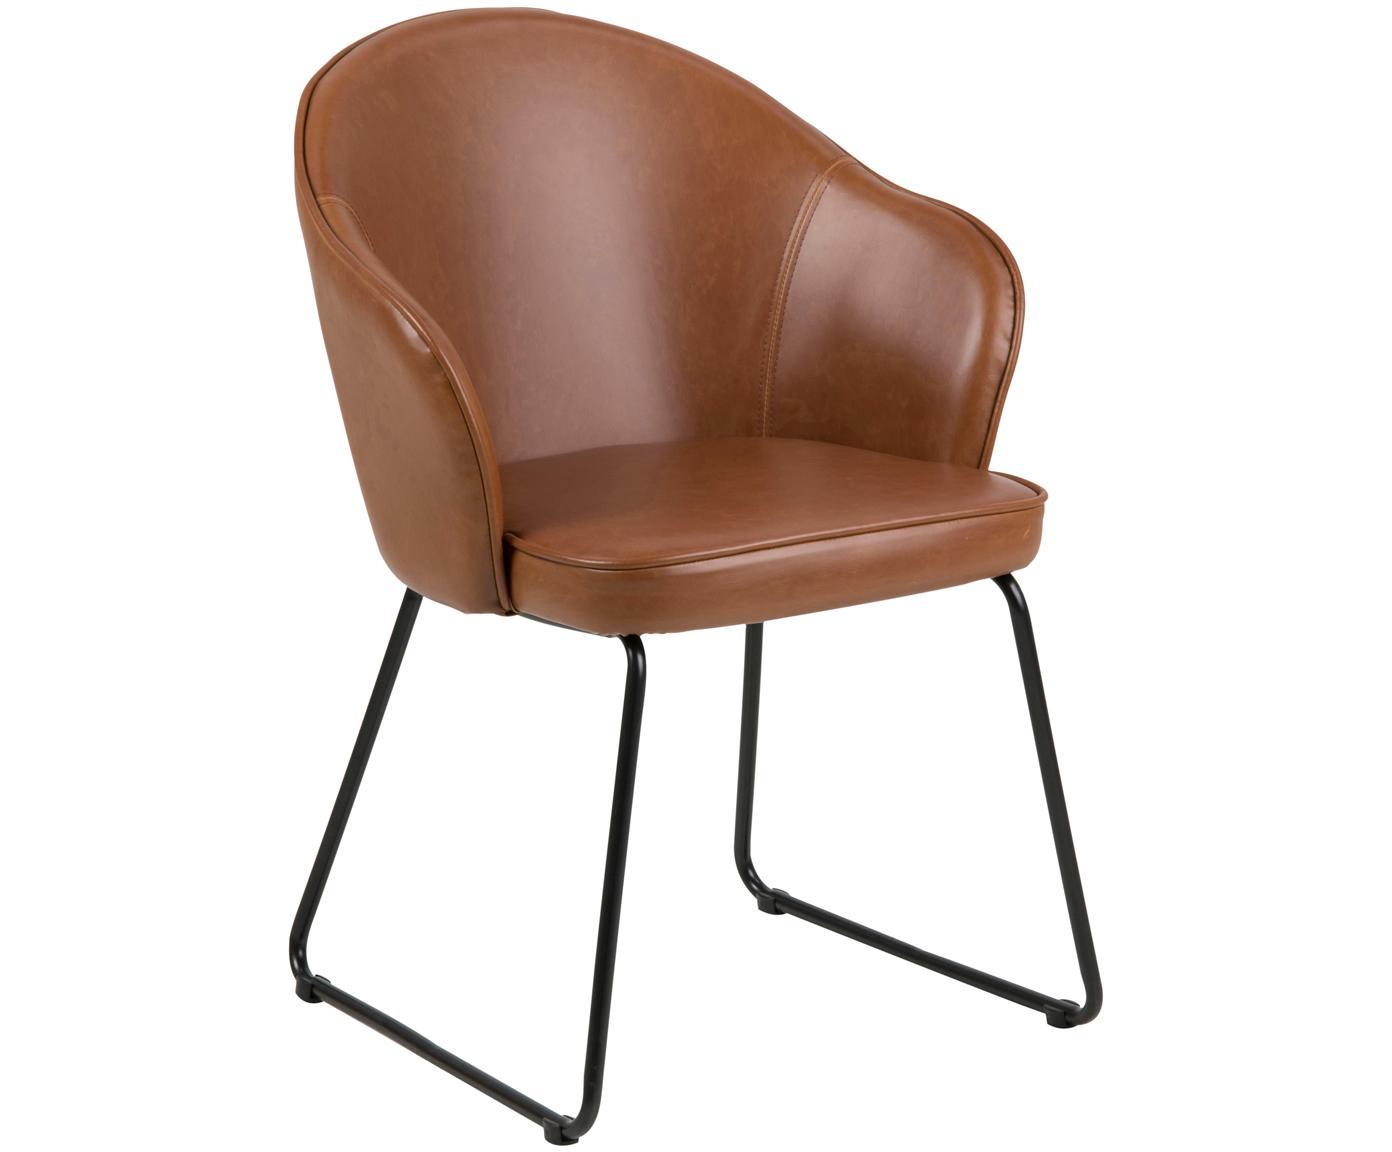 Krzesło z podłokietnikami ze sztucznej skóry  Mitzie, Tapicerka: poliuretan (sztuczna skór, Nogi: metal lakierowany, Koniakowy, czarny, S 57 x G 59 cm